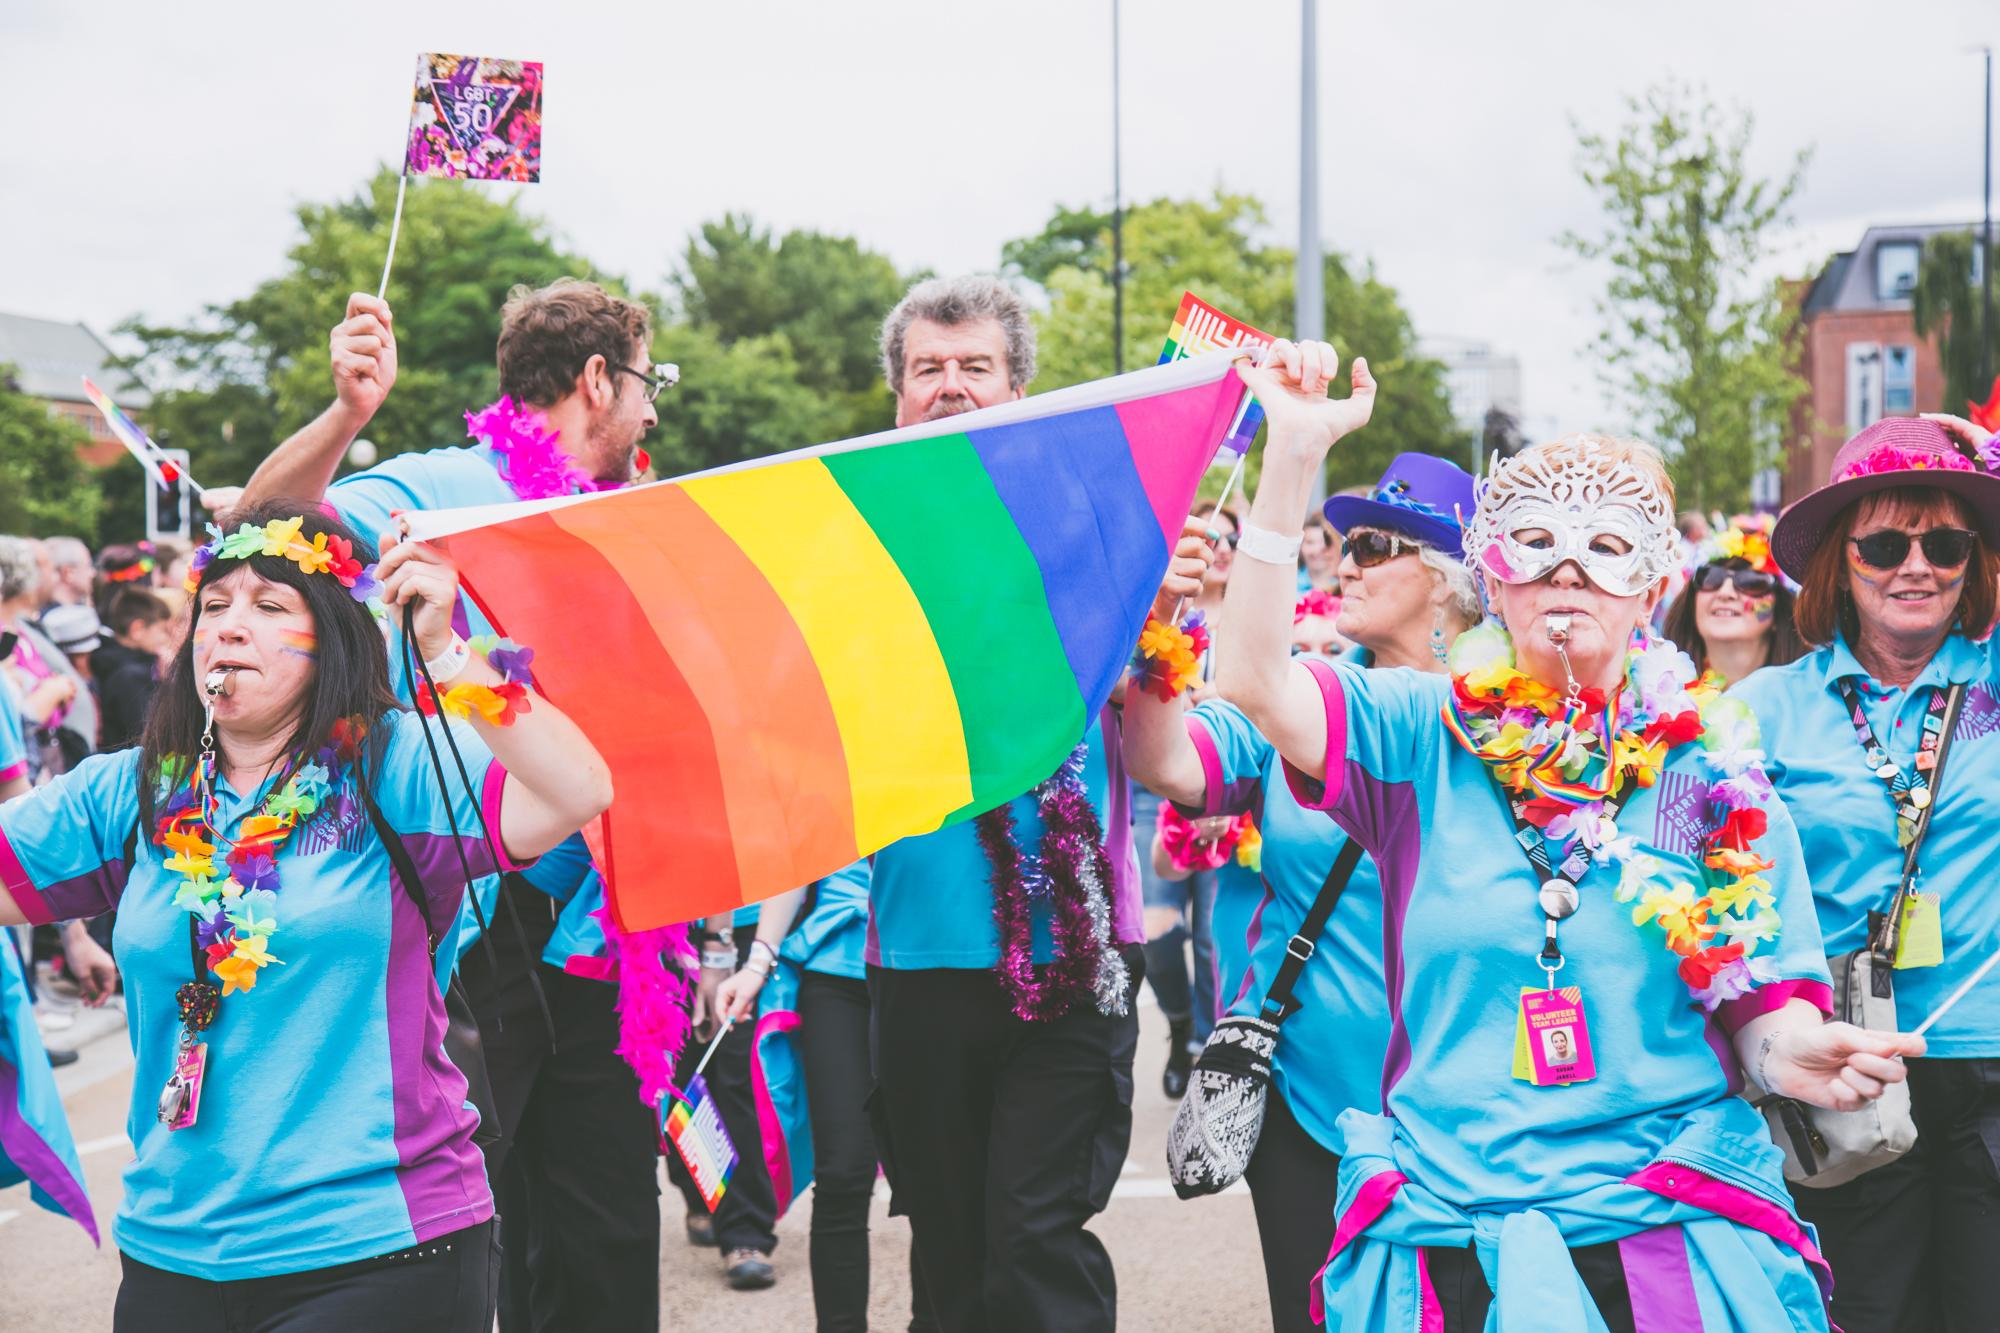 Pride flag waving